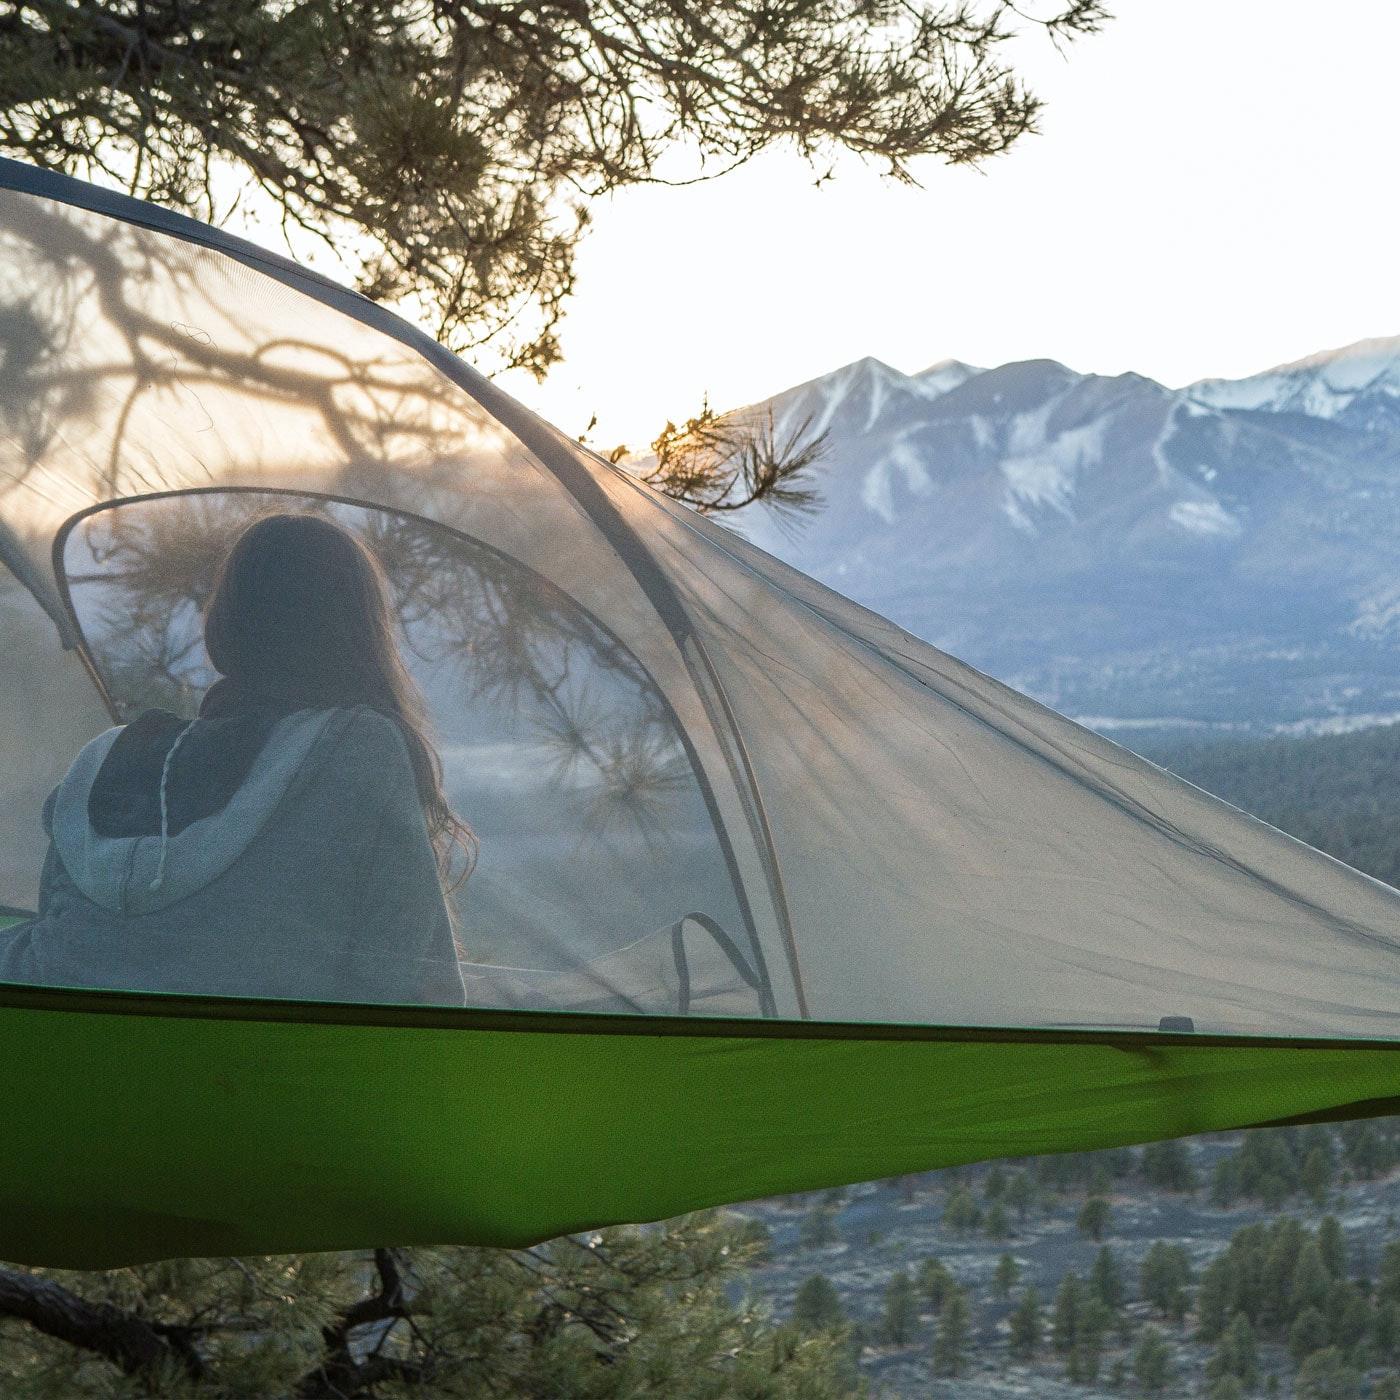 Tentsile Stingray Tent (3-6P) & Tentsile Stingray Tent (3-6P) | Huckberry